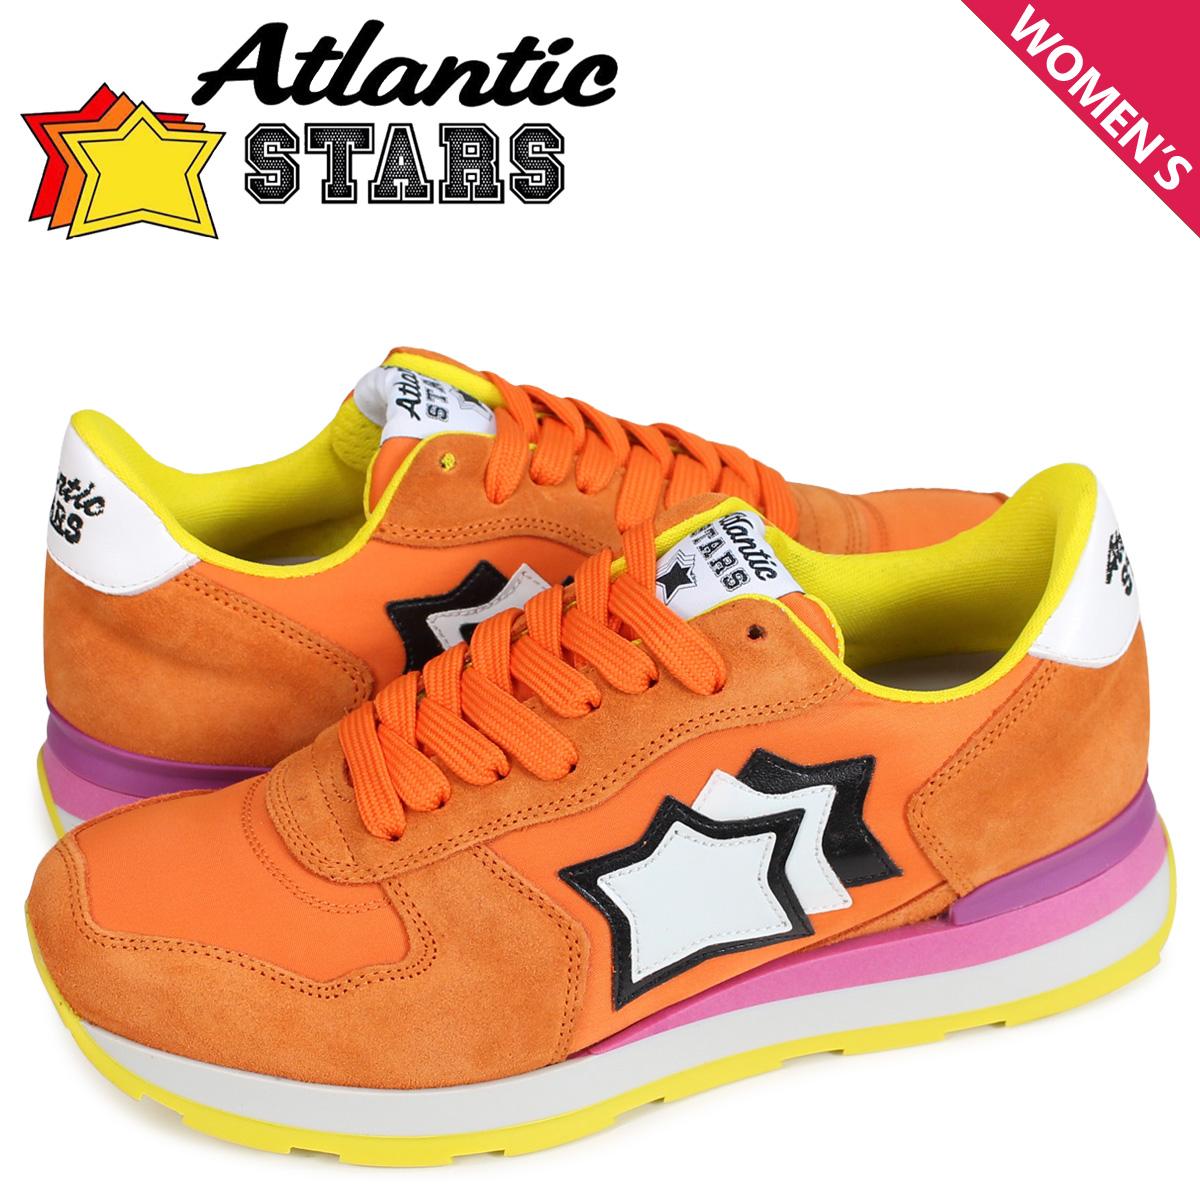 アトランティックスターズ レディース スニーカー Atlantic STARS ベガ VEGA ARA-82F オレンジ